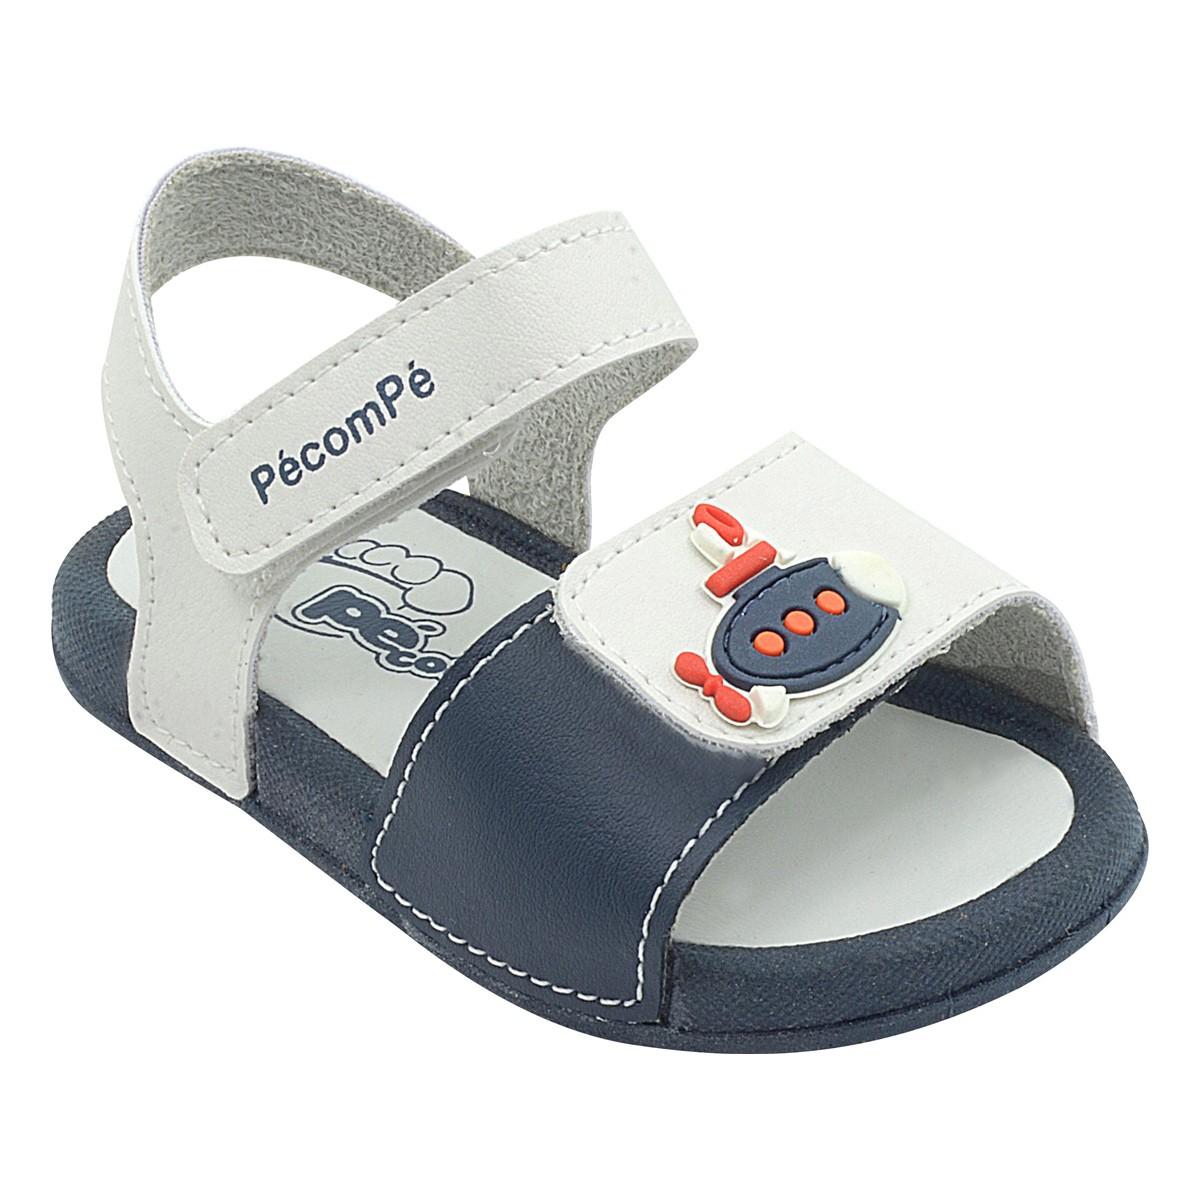 Papete Infantil Pé com Pé Calce Fácil Velcro Azul Menino